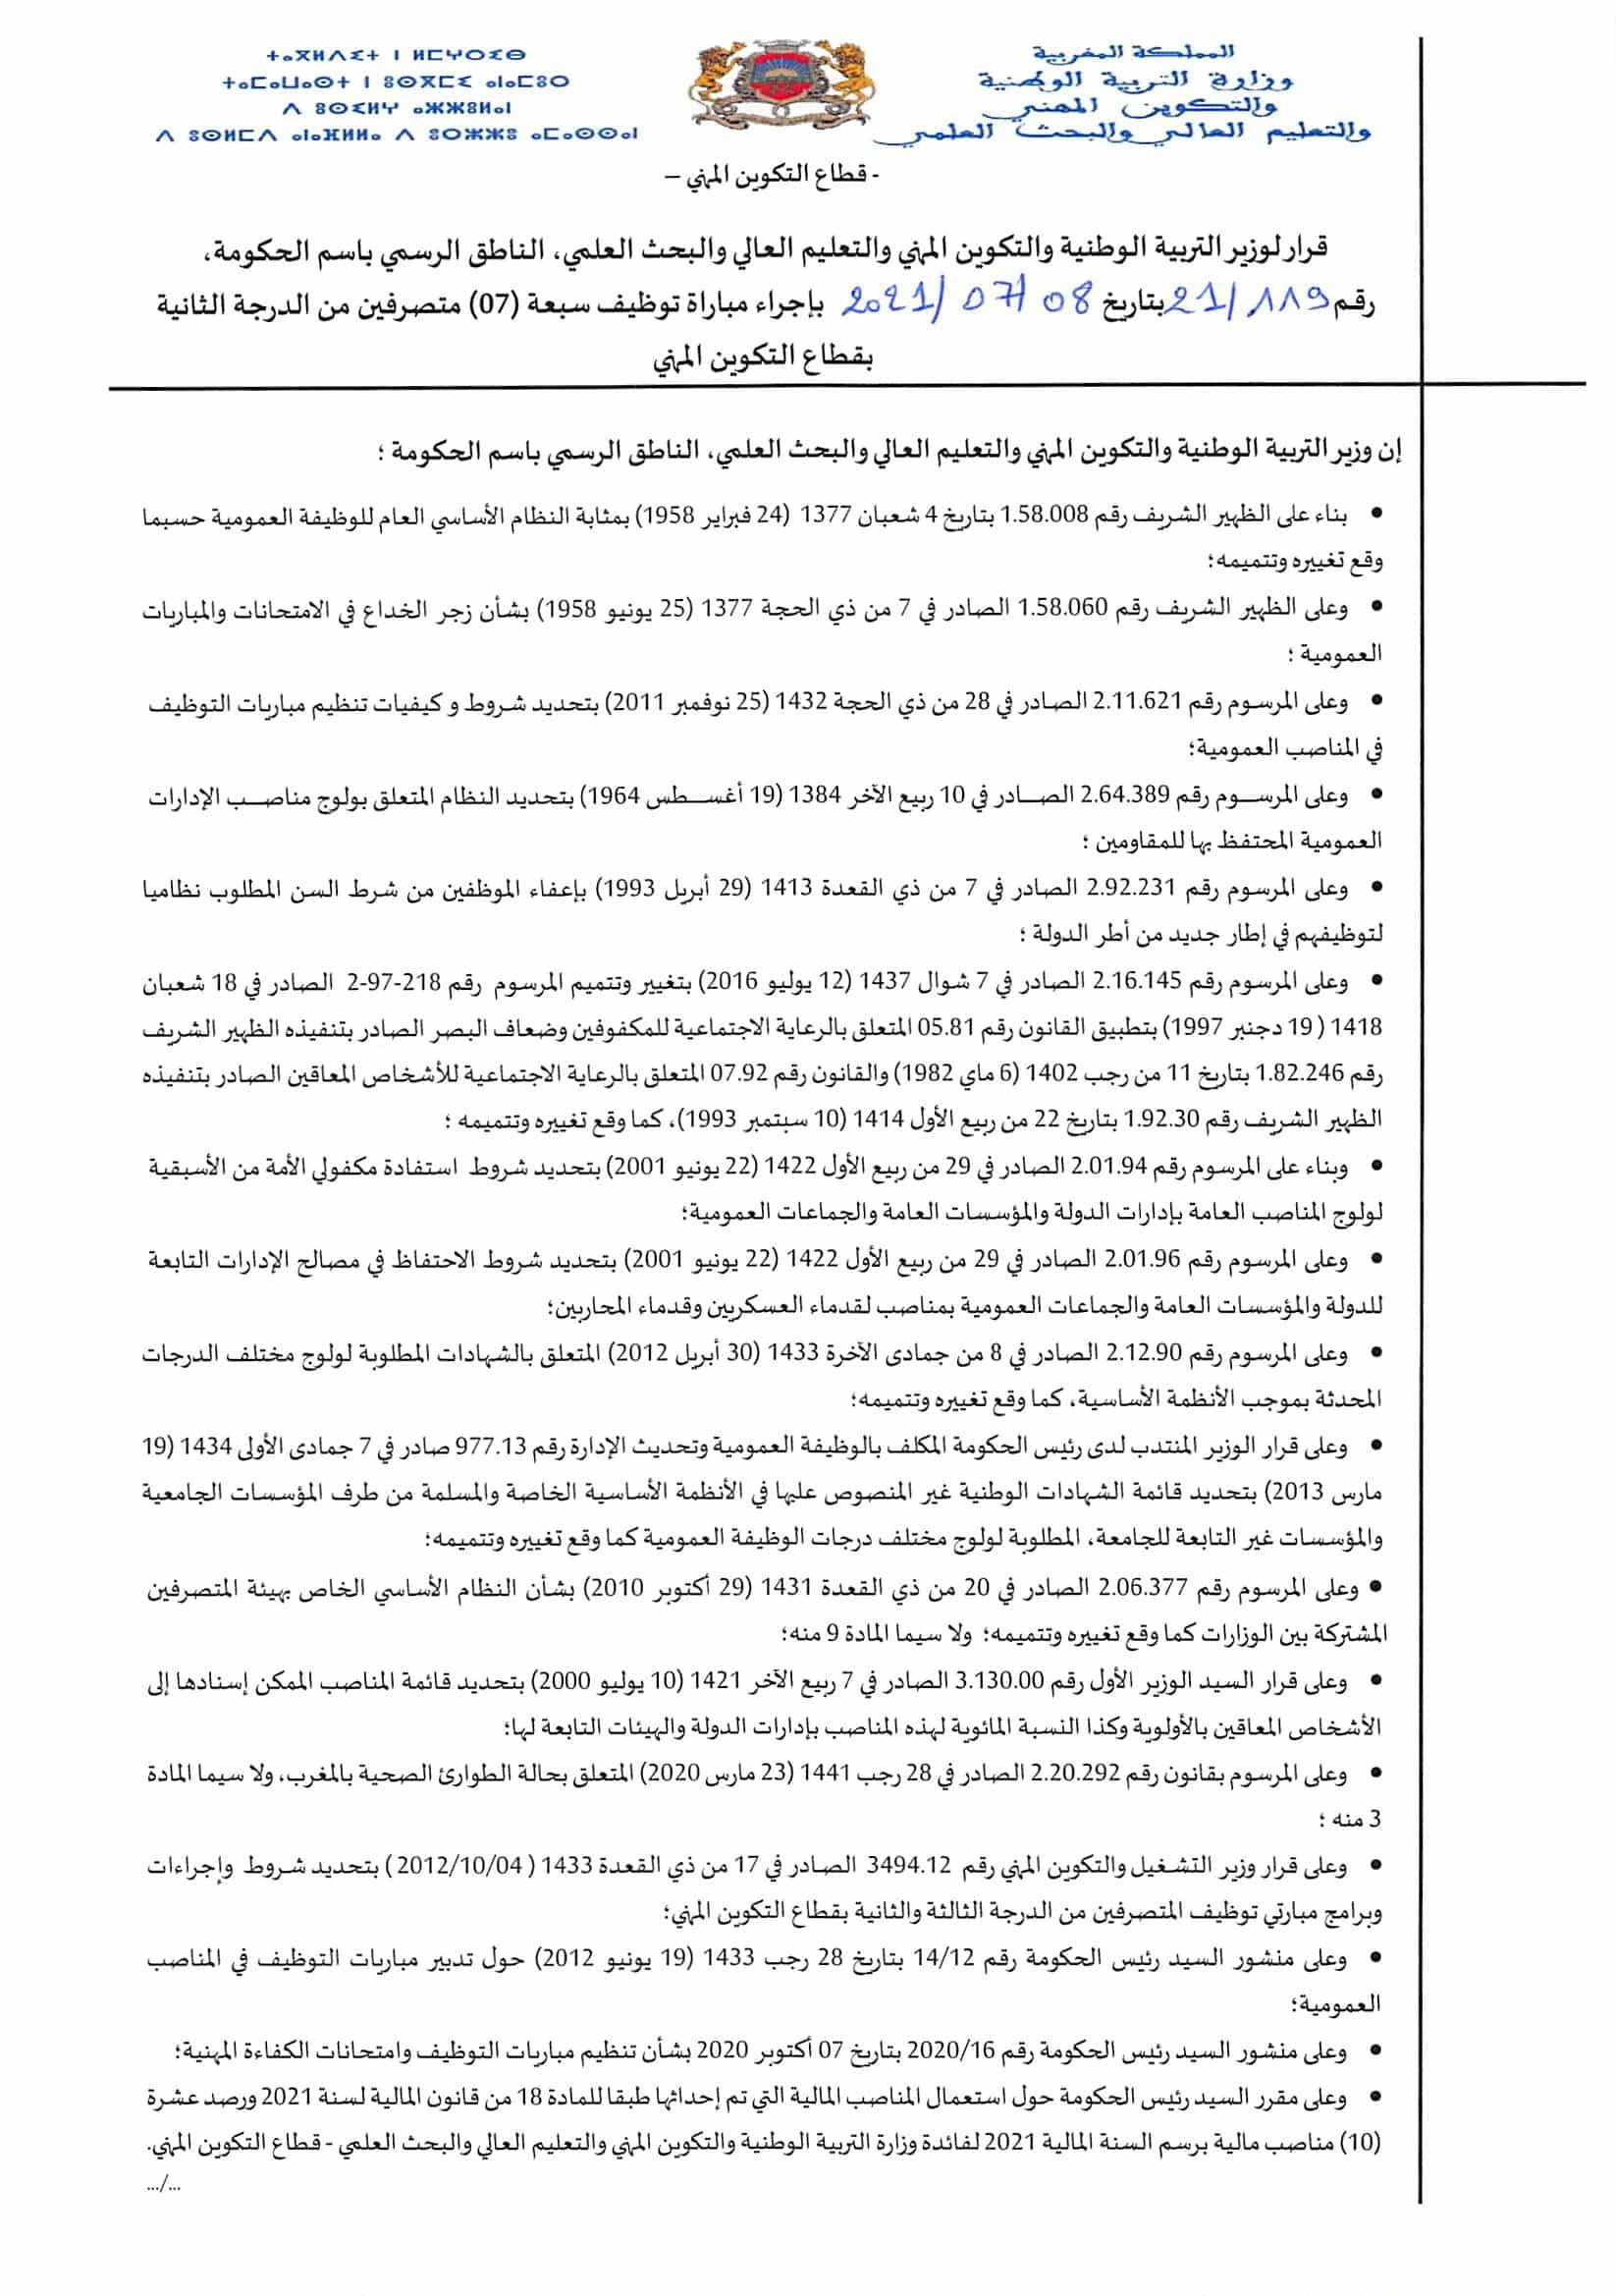 235 1 Résultats Concours Ministère de l'Education Nationale 2021 (10 Postes)